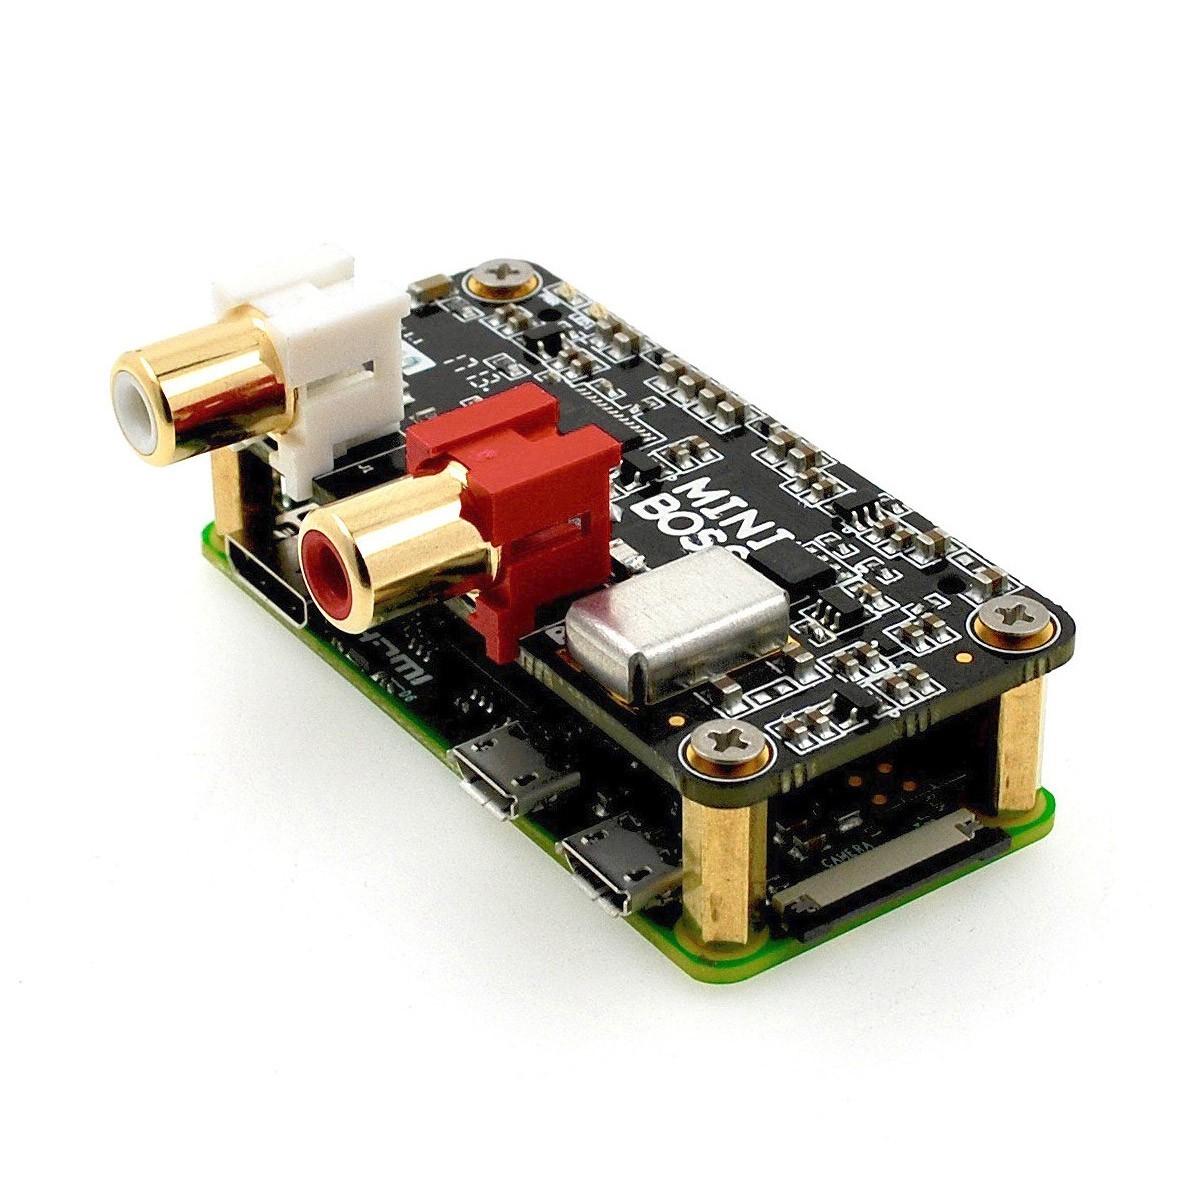 ALLO MINIBOSS DAC PCM5122 32Bit / 384kHz 2 Horloges I2S pour Raspberry Pi Zero